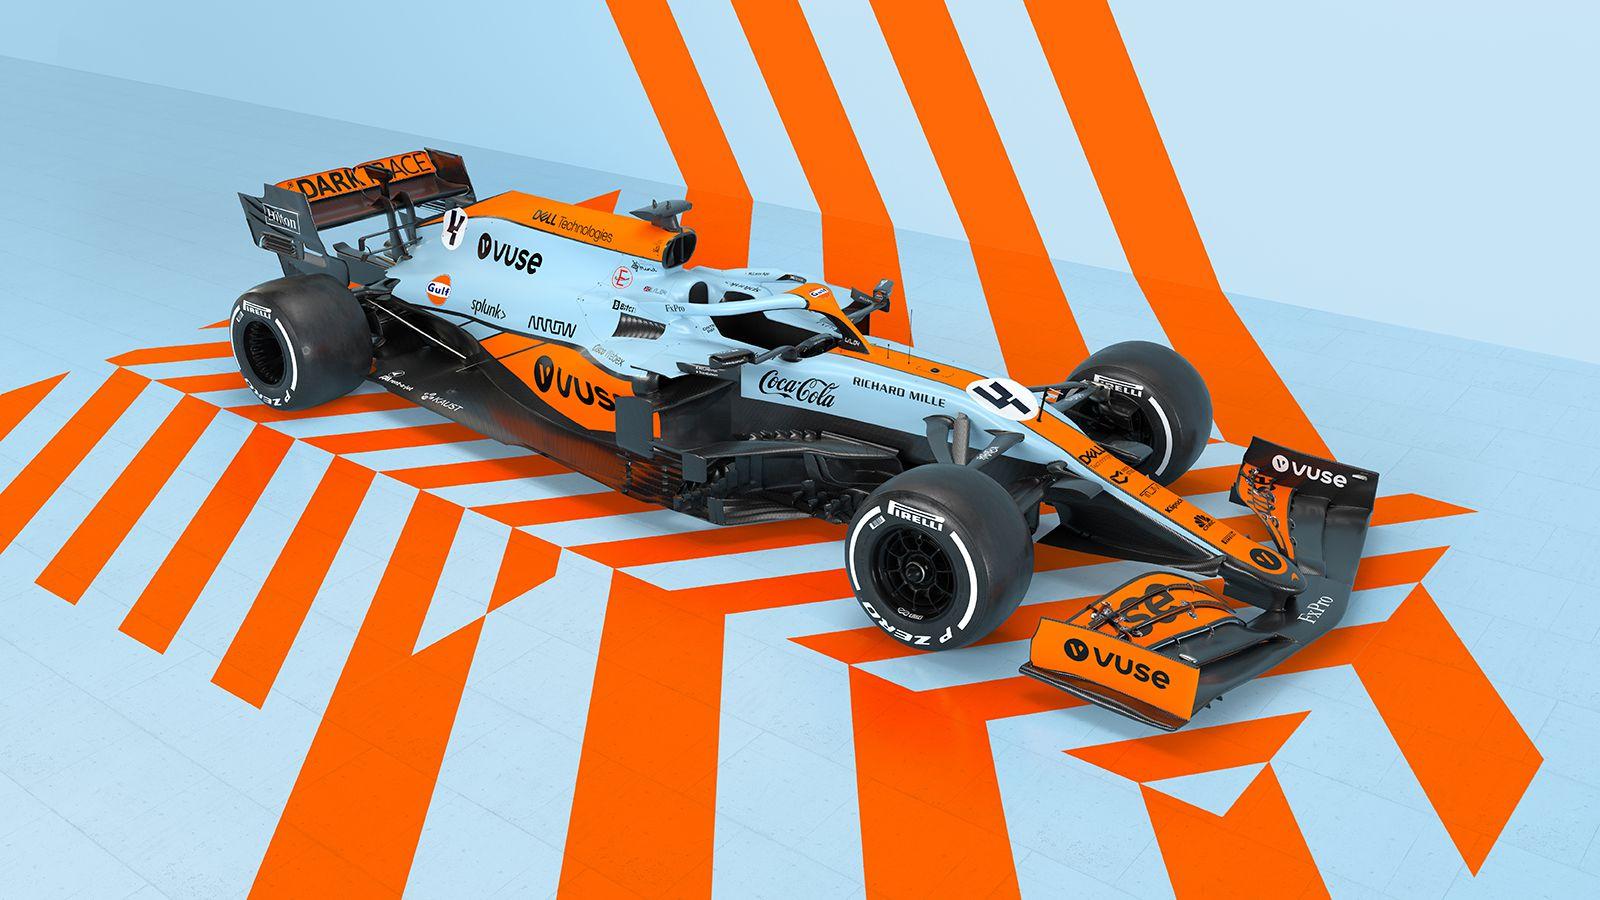 images Mclaren F1 Monaco Livery Wallpaper 4K mclaren com